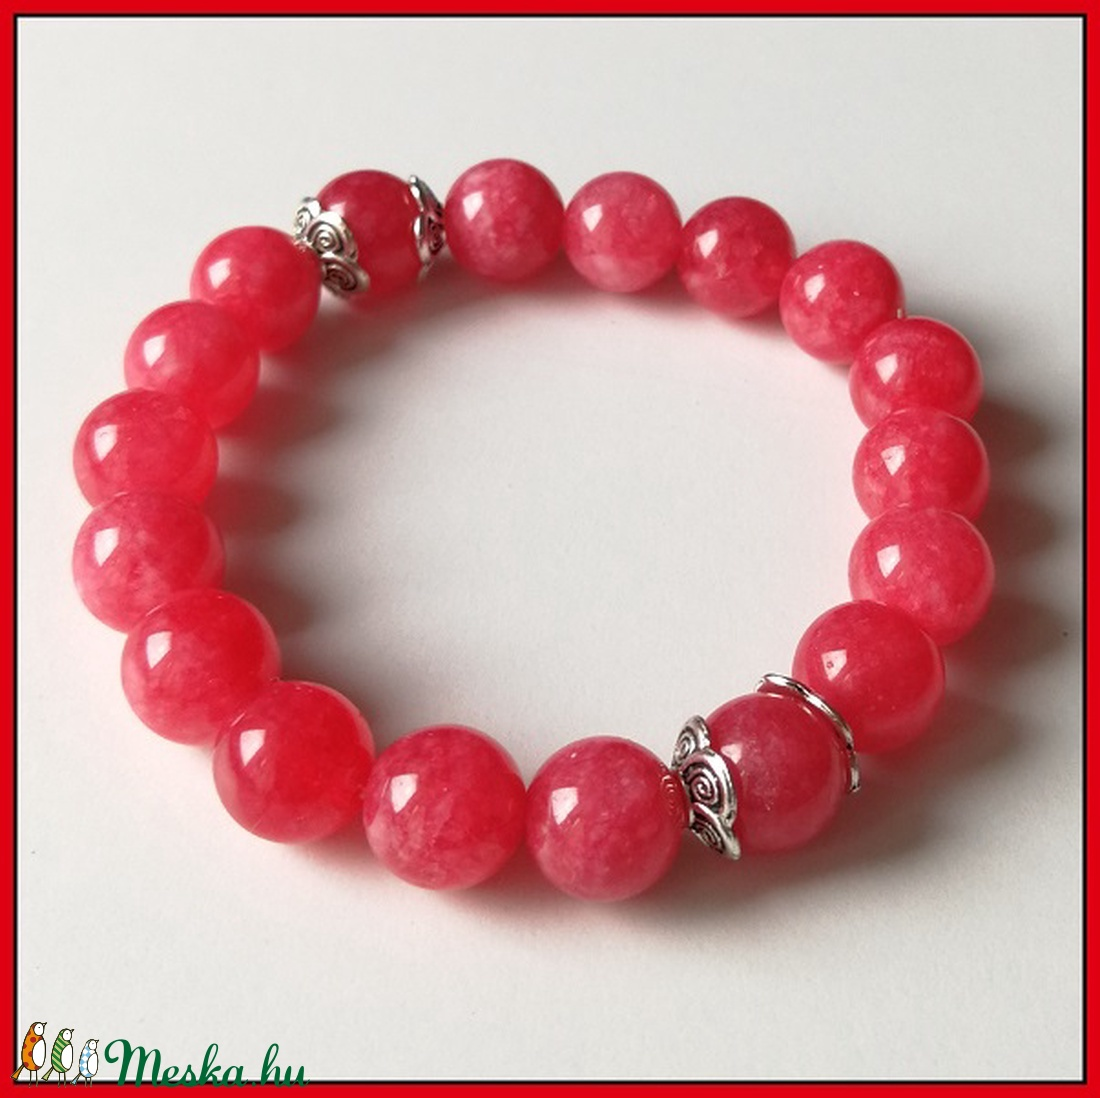 Piros jáde ásványi karkötő, 1 cm-es, gömb alakú magas minőségű természetes féldrágakövekből (Nerika81) - Meska.hu